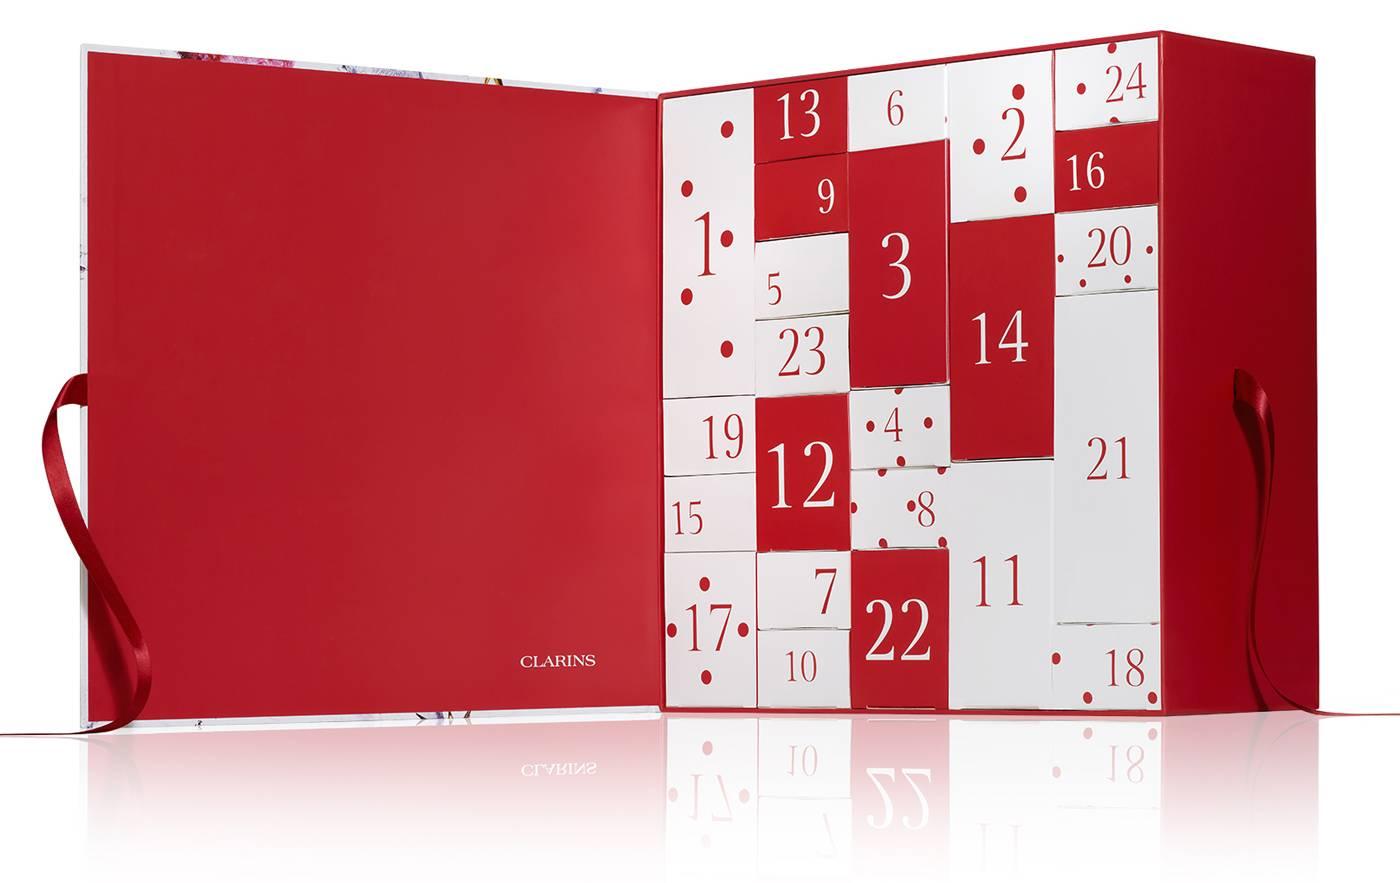 Calendario Clarins 2021 24 Días